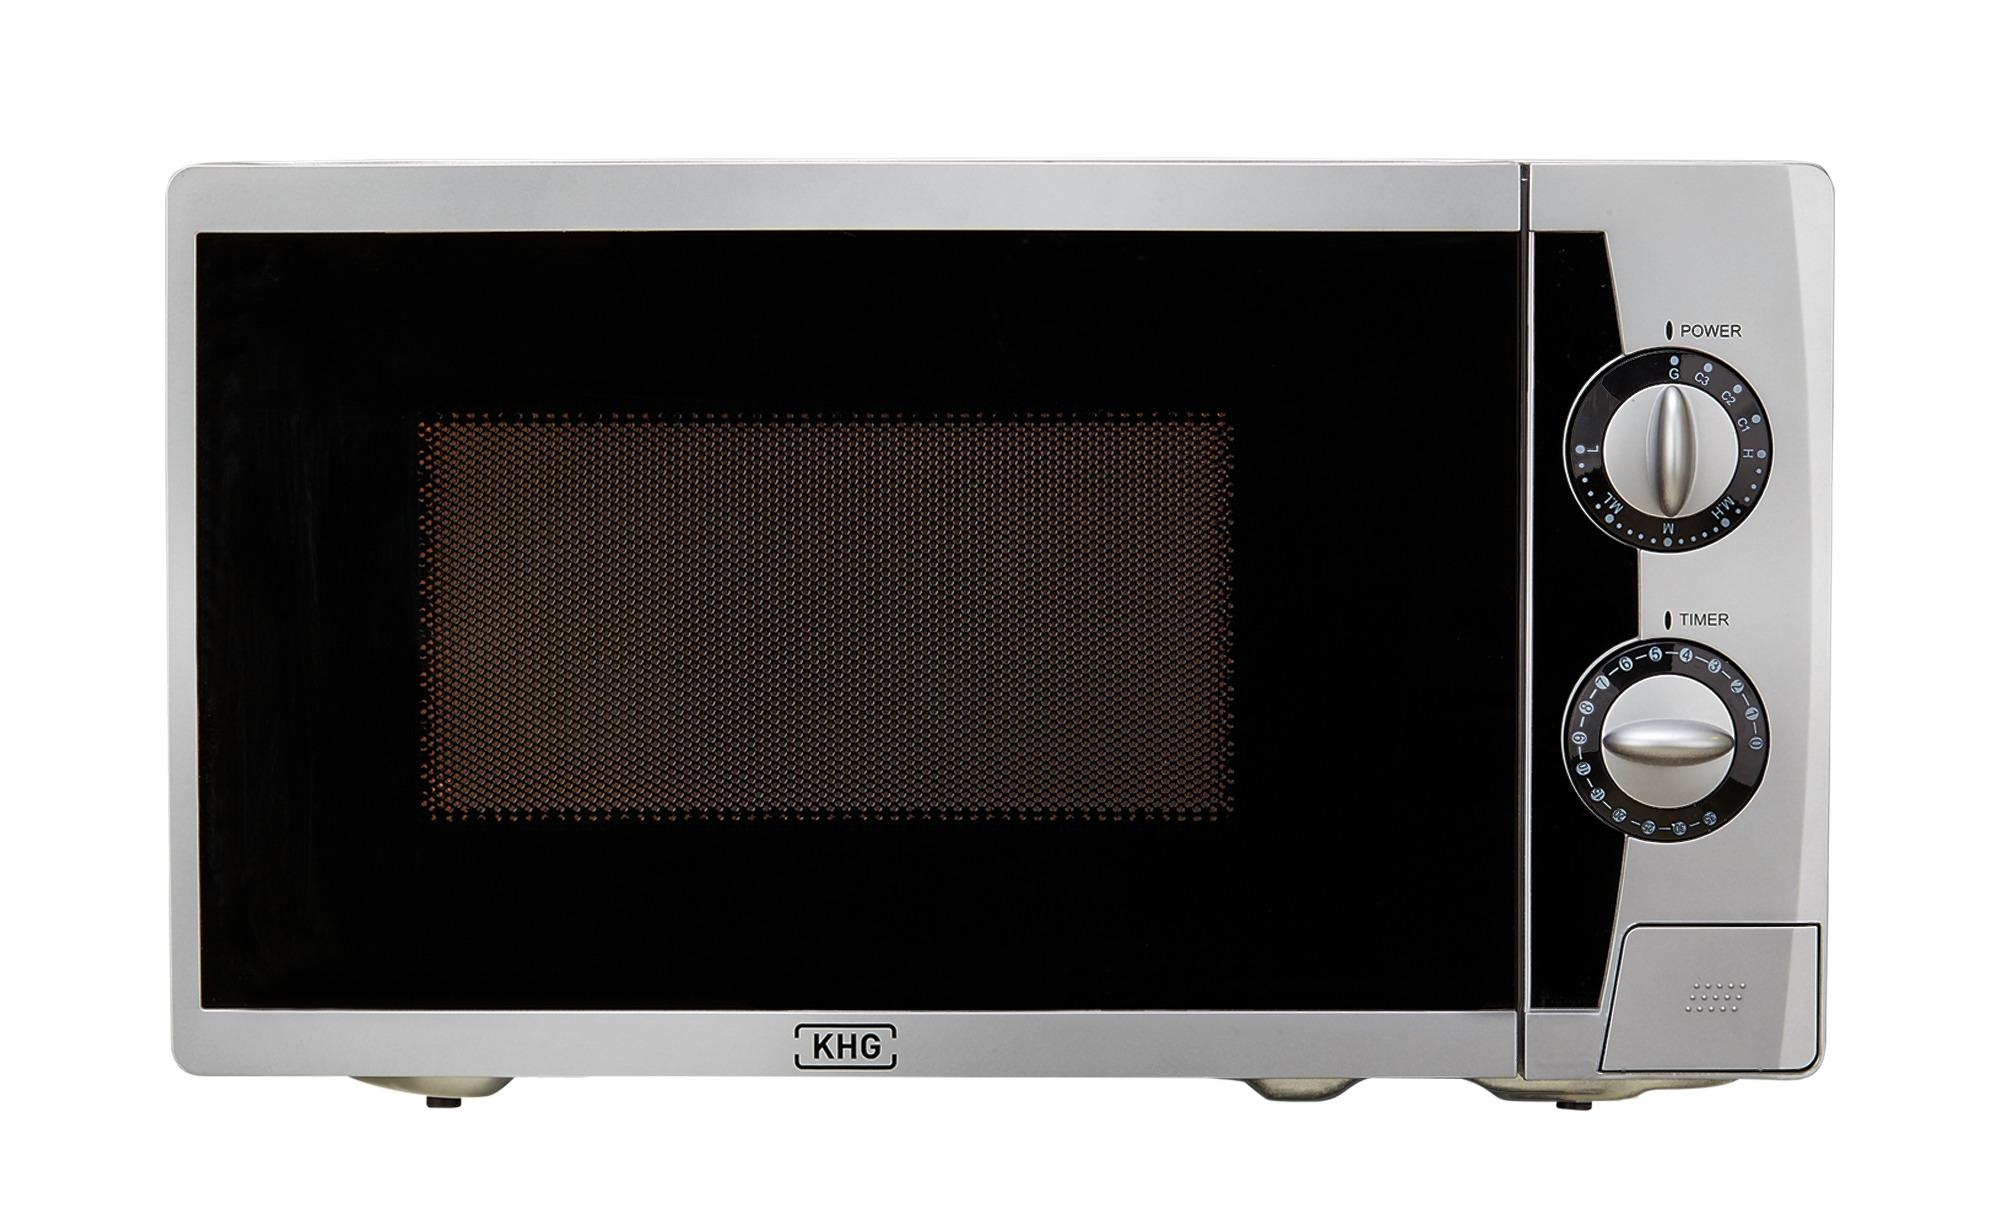 KHG Mikrowelle  MW-20GS - silber - Metall-lackiert, Kunststoff - 44 cm - 25,85 cm - 34 cm - Elektrokleingeräte > Mikrowellen - Möbel Kraft | Küche und Esszimmer > Küchenelektrogeräte | KHG